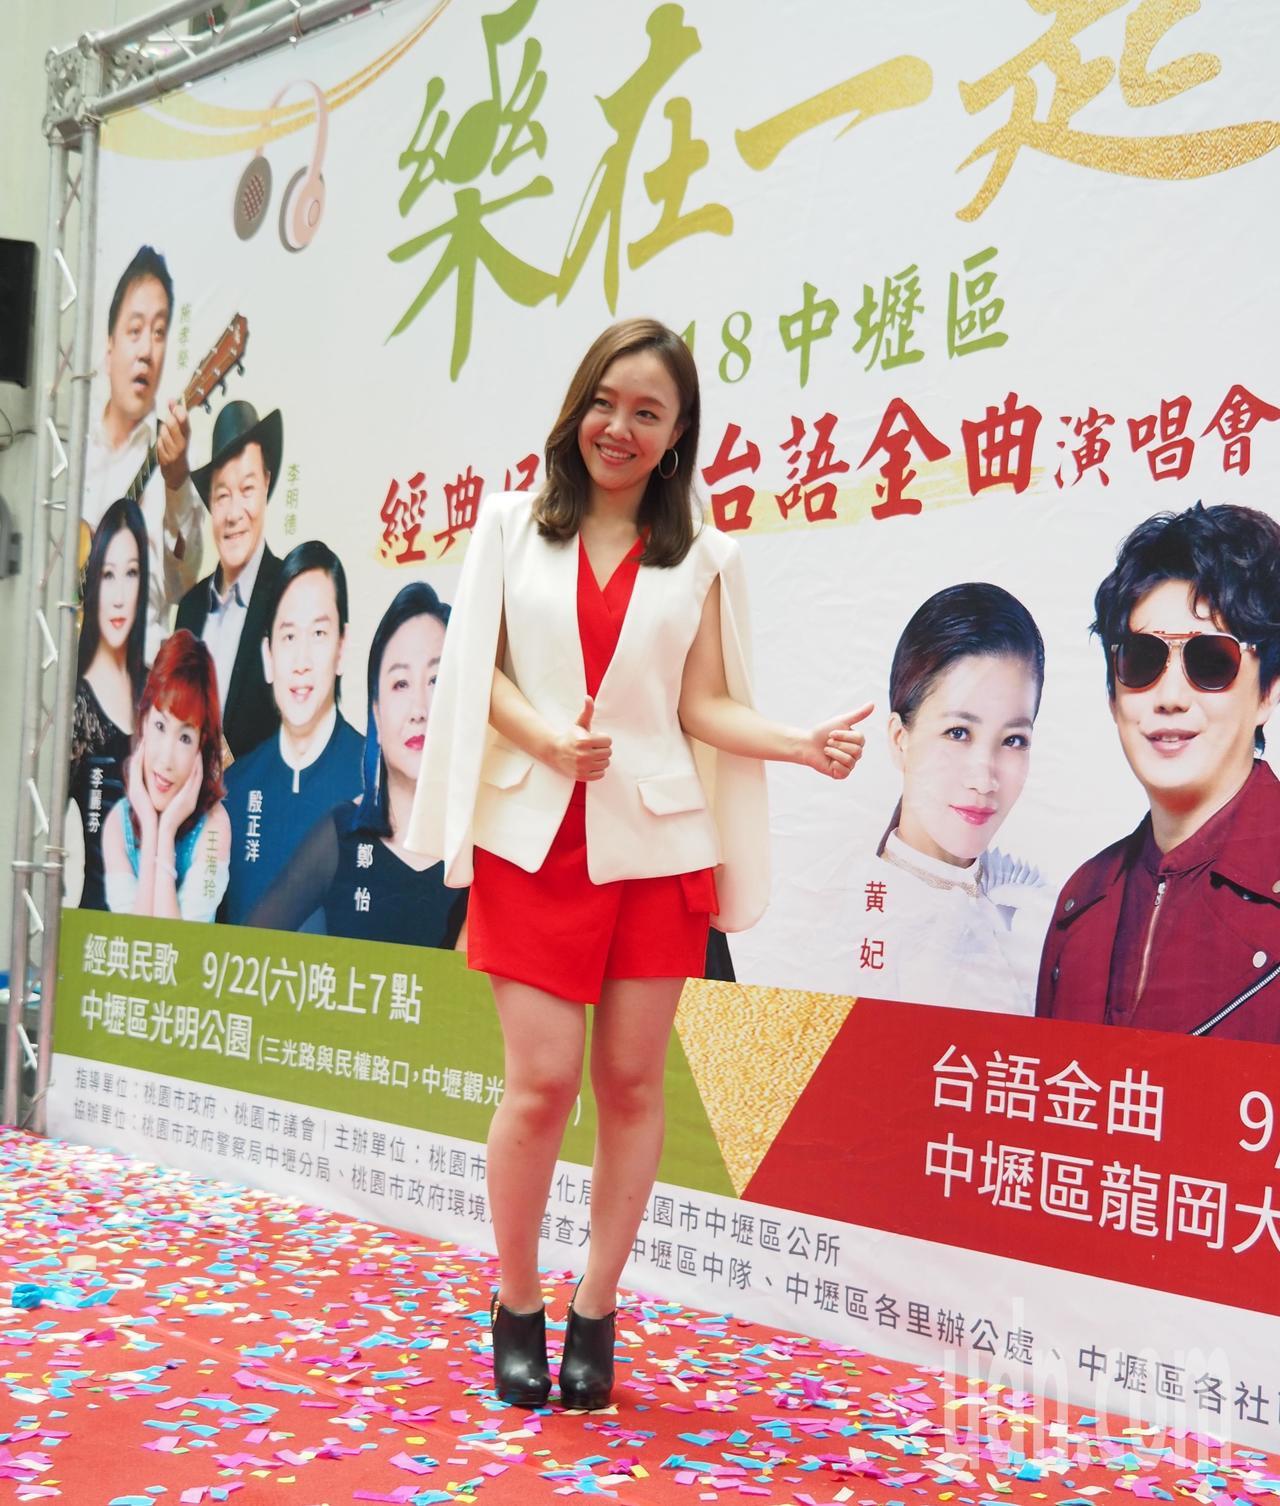 台語實力派歌手張艾莉也出席演唱會宣傳活動。記者鄭國樑/攝影